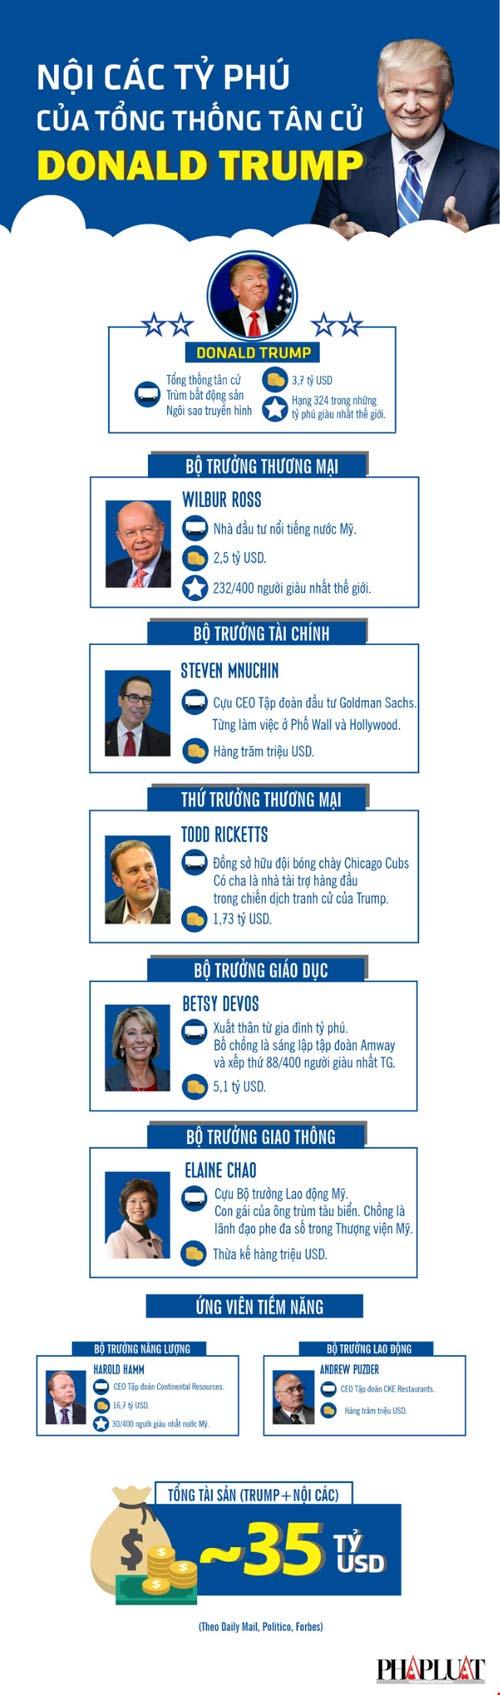 Infographic: Điểm mặt nội các siêu giàu của ông Trump - 1